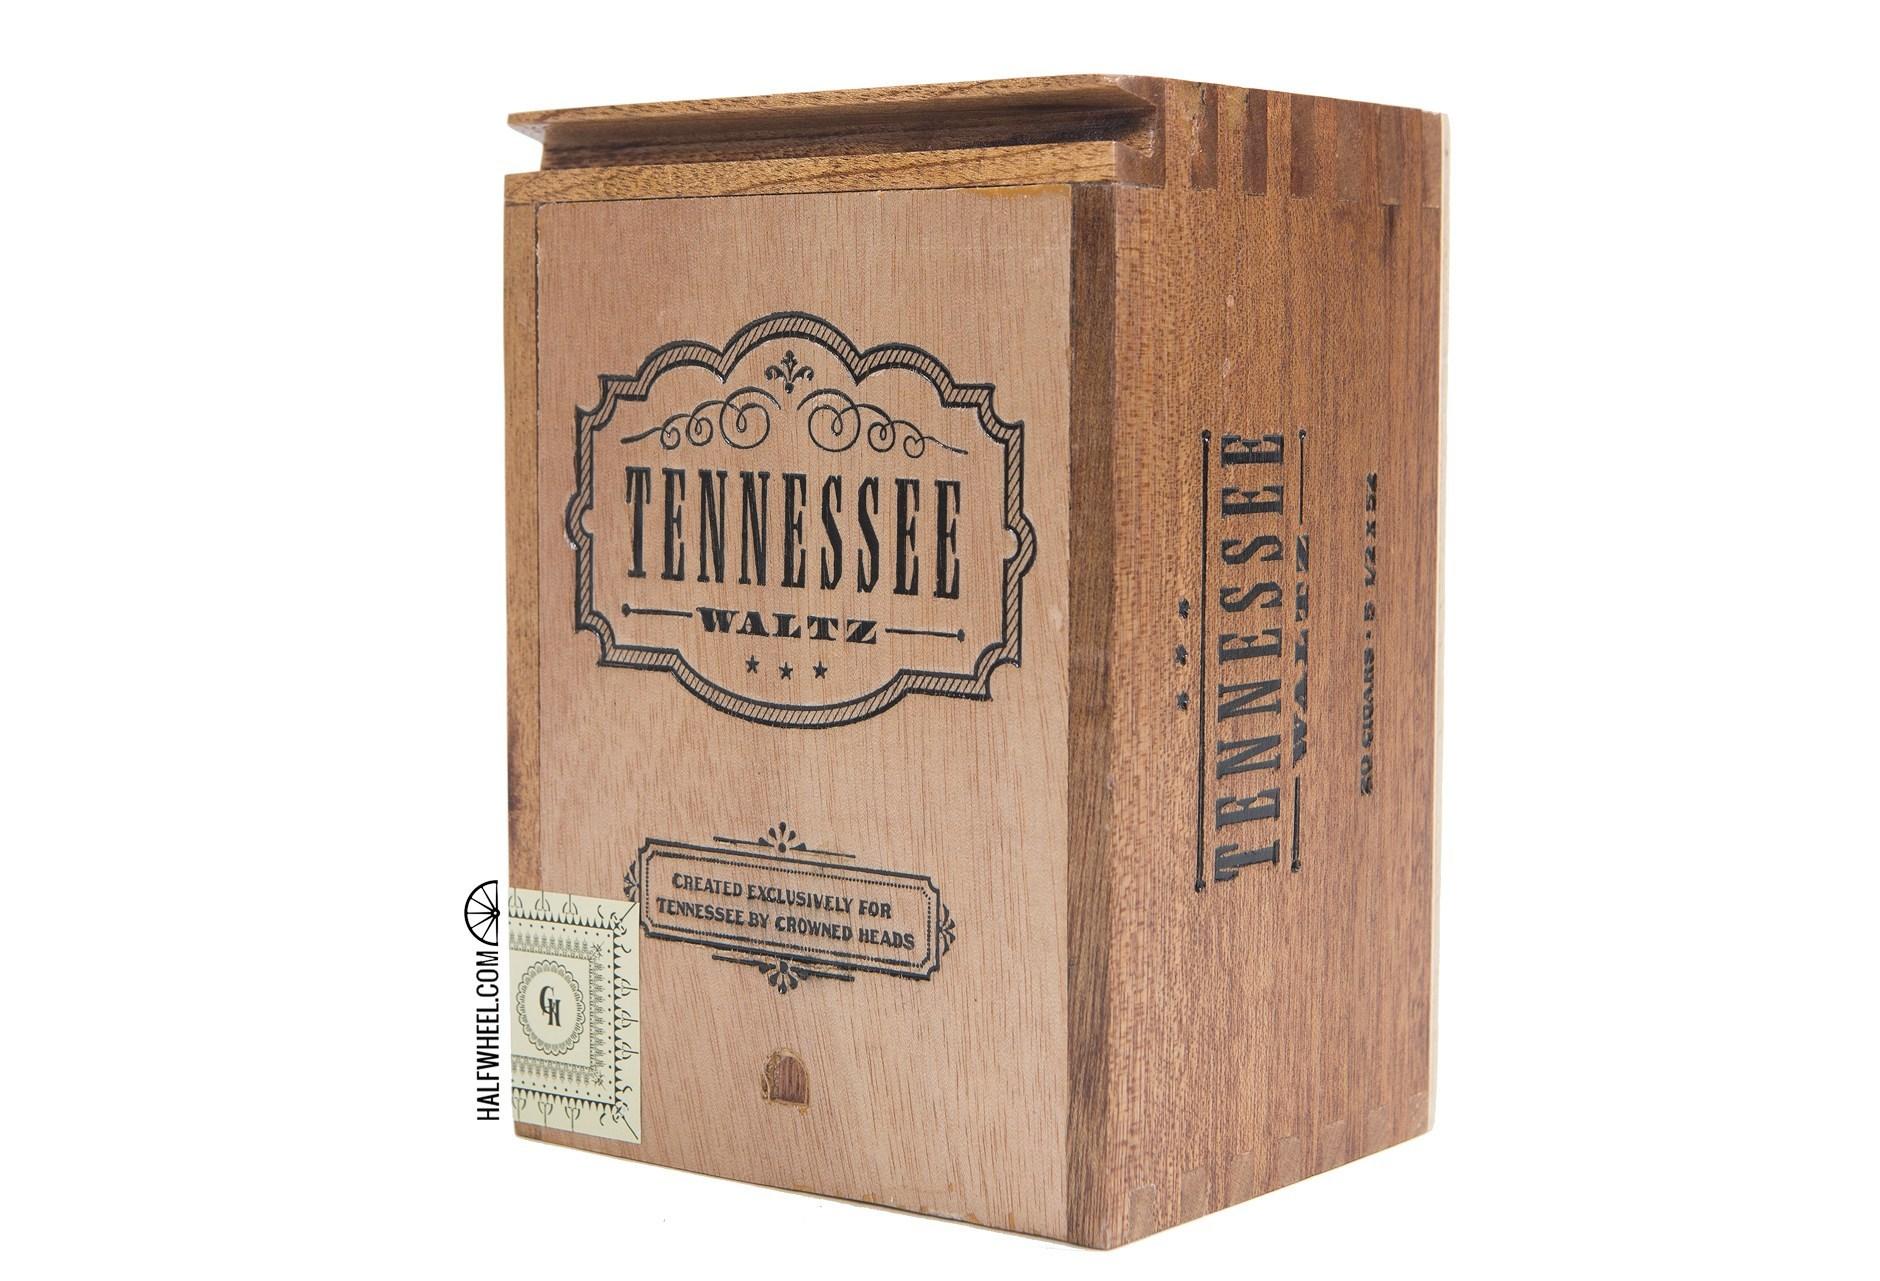 Tennessee Waltz Box 1